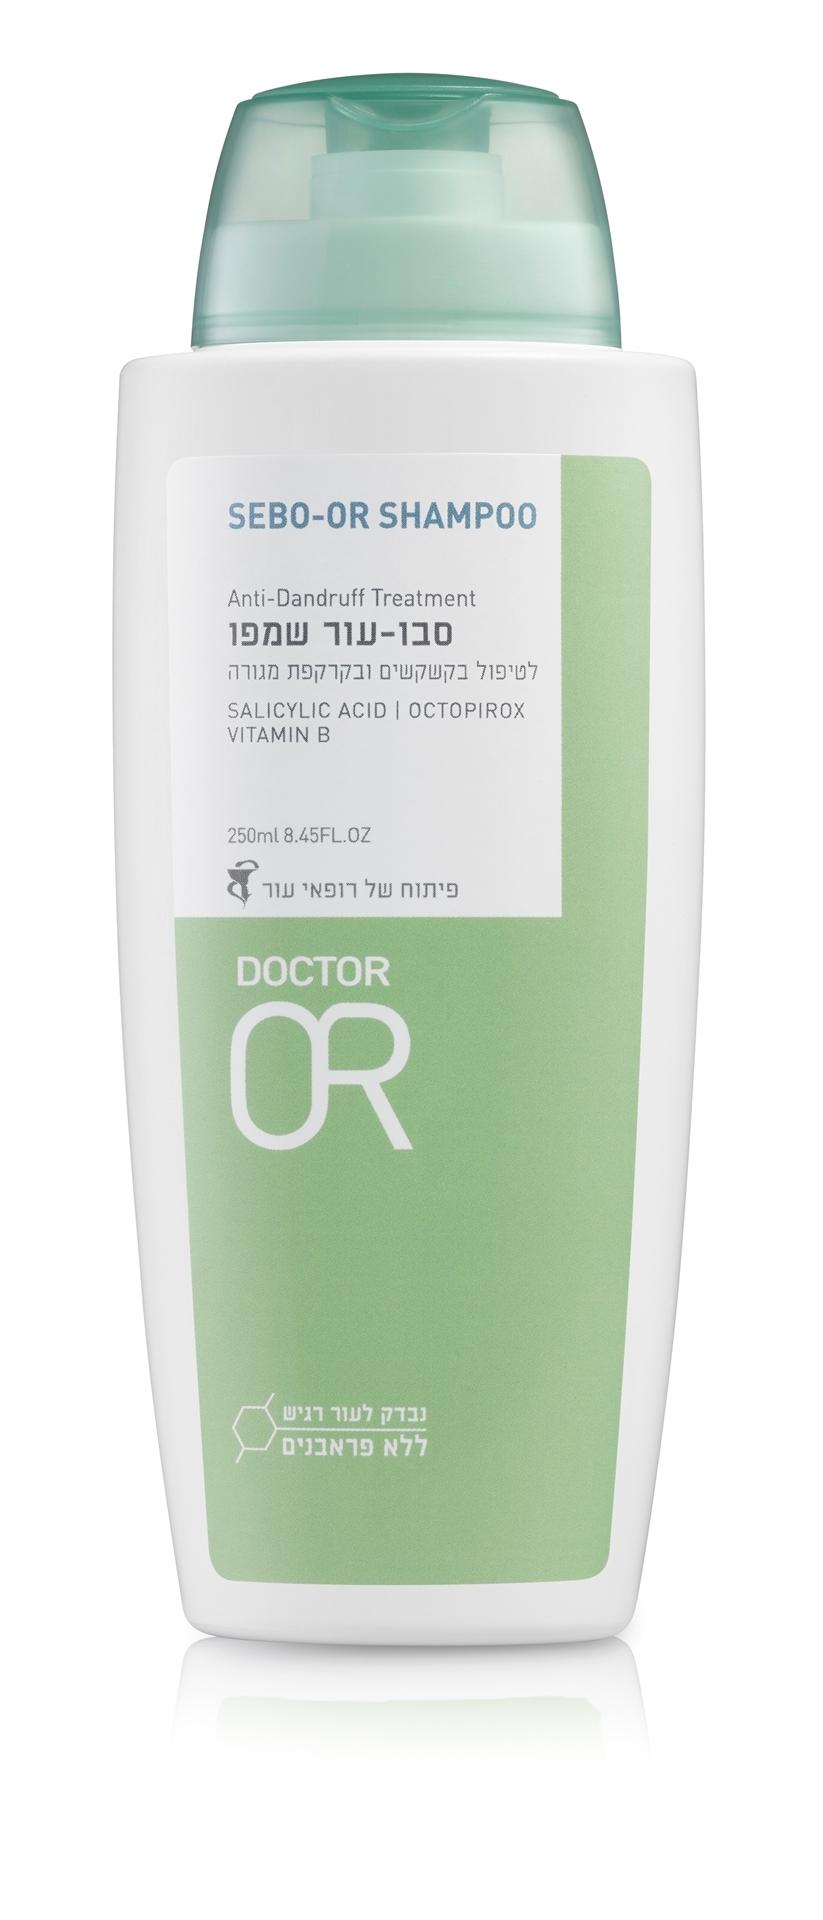 """ד""""ר עור שמפו לטיפול בקשקשים ובקרקפת מגורה Dr. Or Sebo-Or Shampoo"""